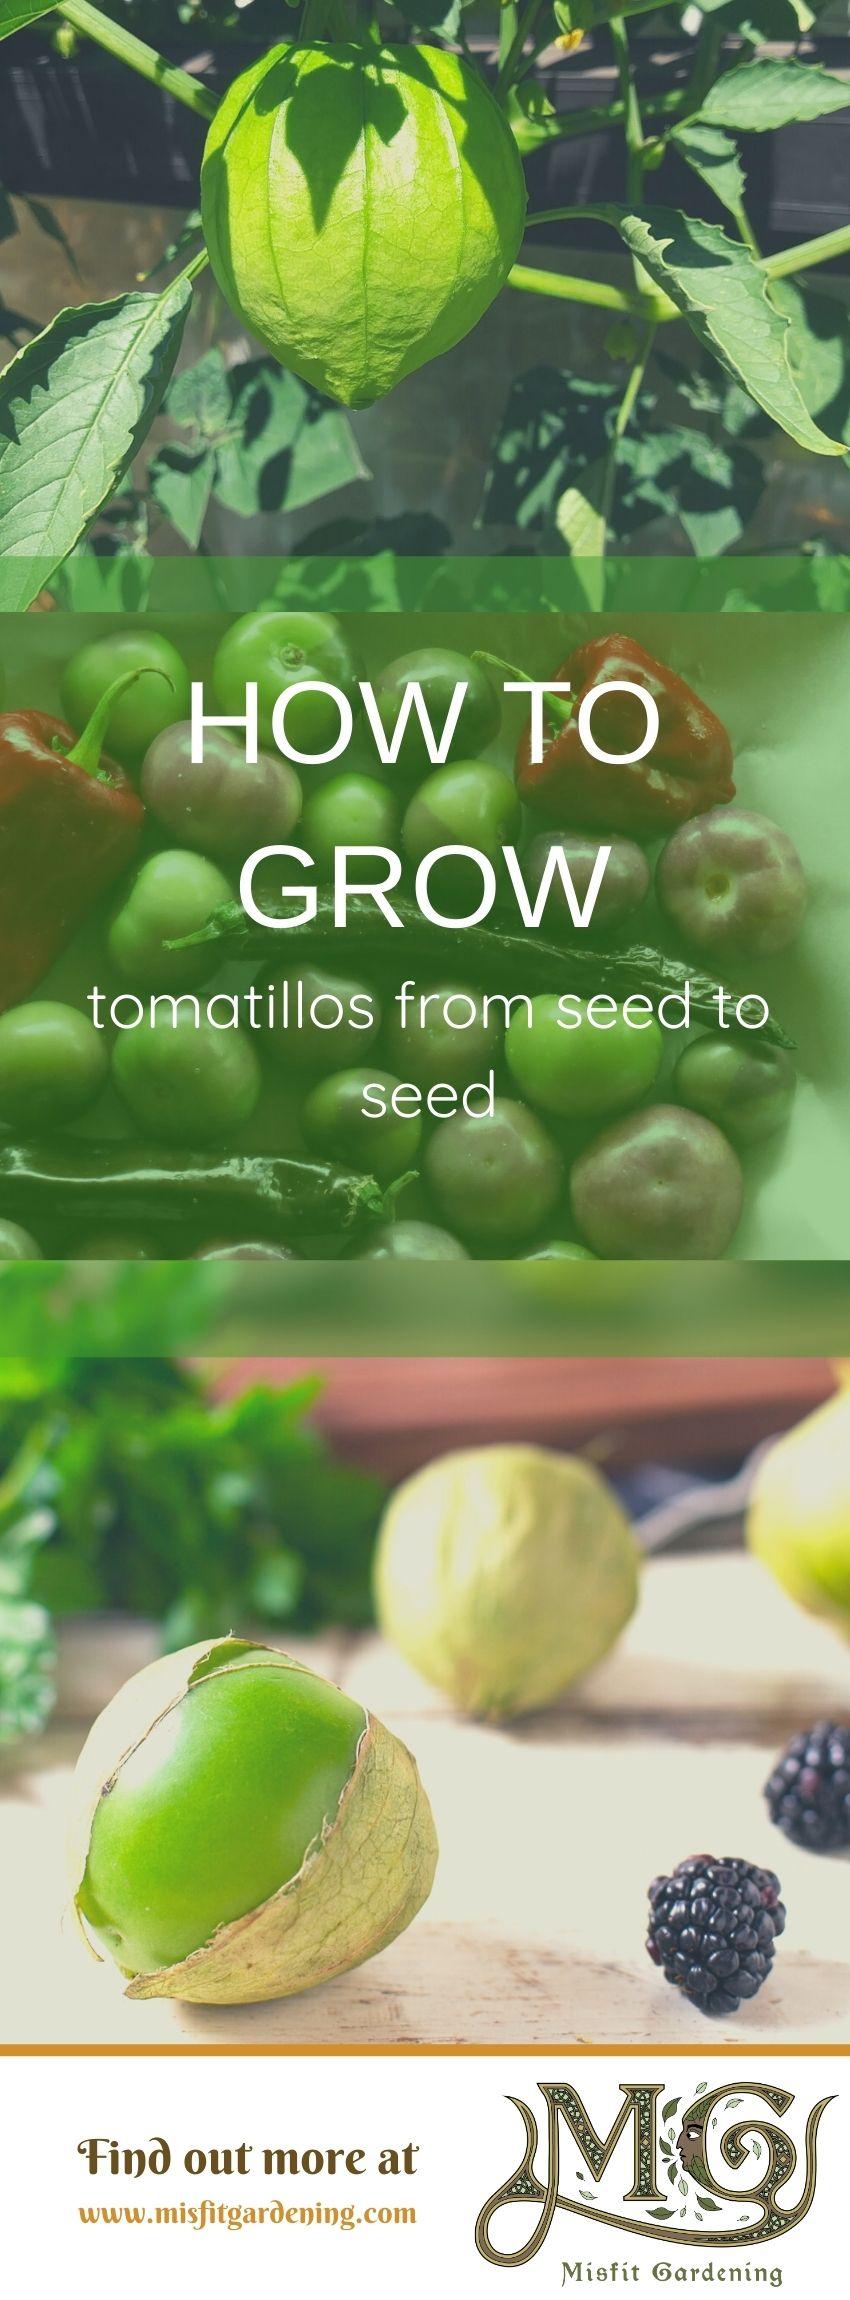 Klicken Sie hier, um zu erfahren, wie Sie Tomatillo anbauen und Samen speichern oder anheften und für später speichern. #Homesteading #Garten